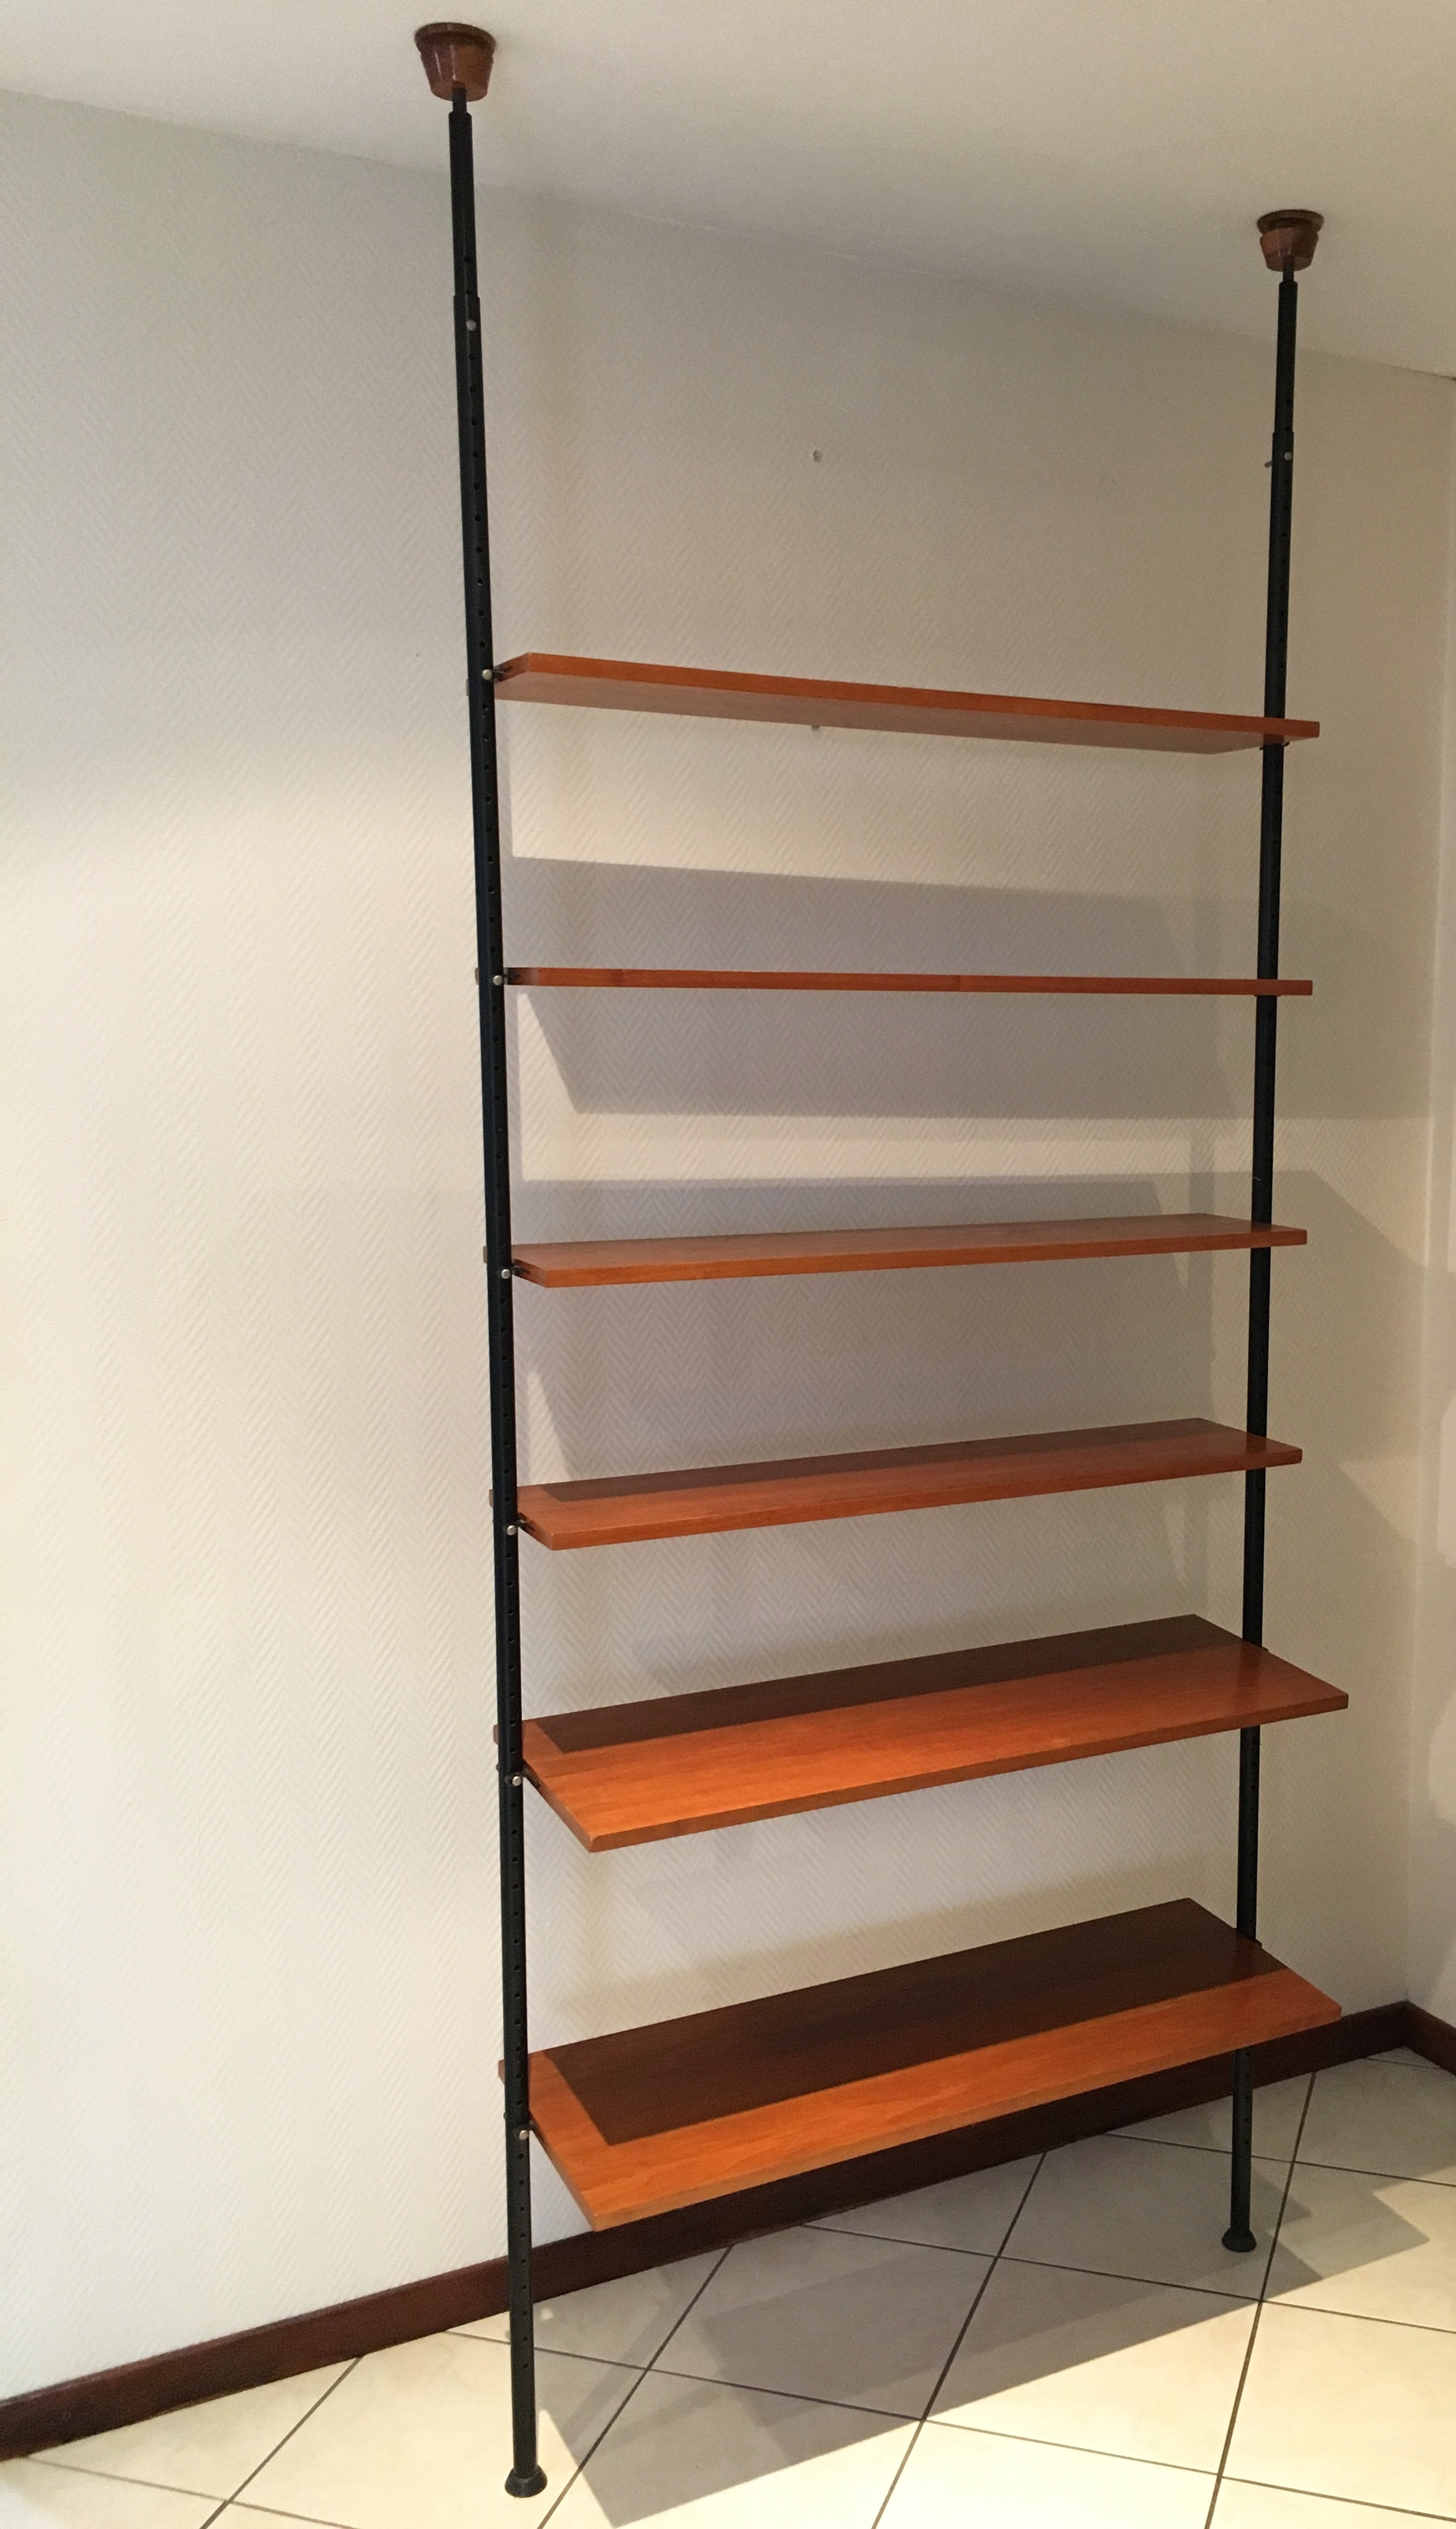 Etagre bibliothque modulable anne 60 Vintage wall unit